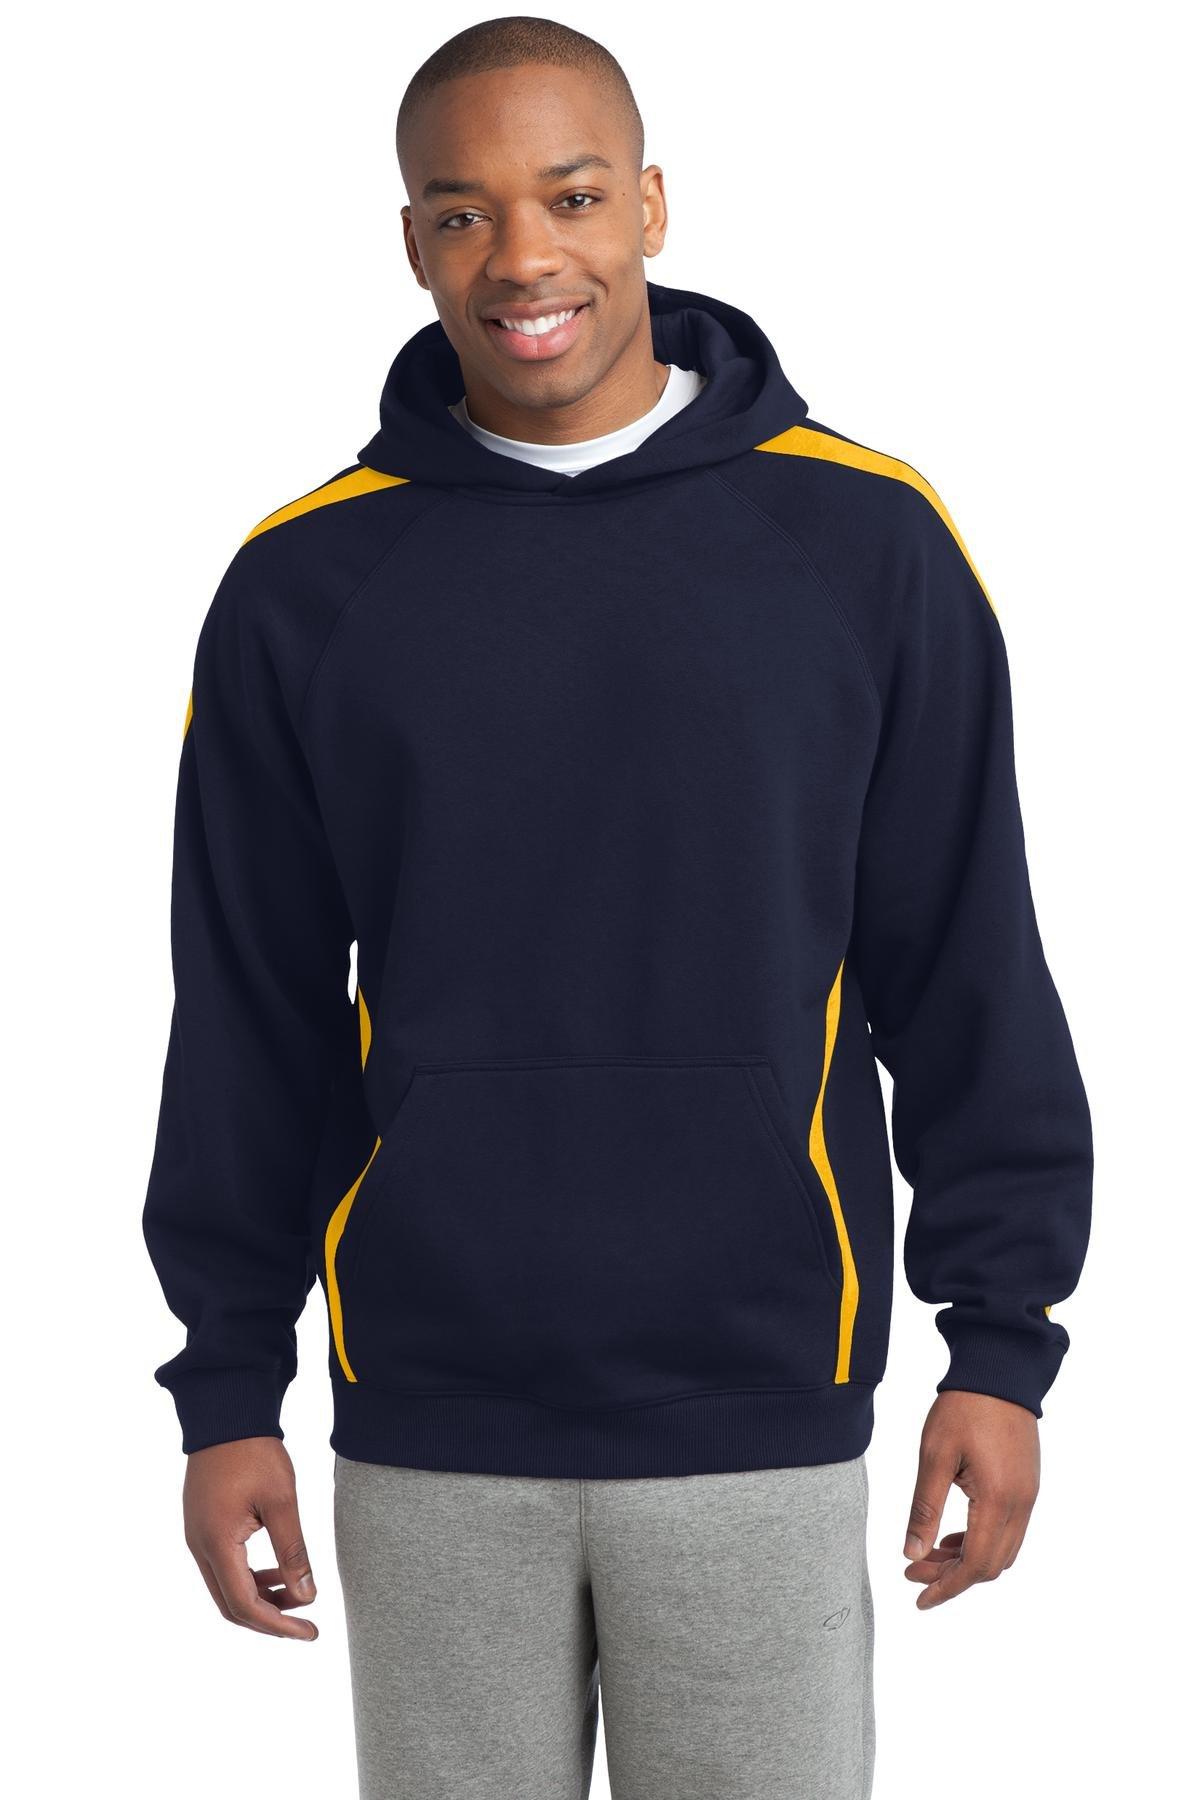 Sport-Tek Men's Sleeve Stripe Pullover Hooded Sweatshirt XS True Navy/Gold by Sport-Tek